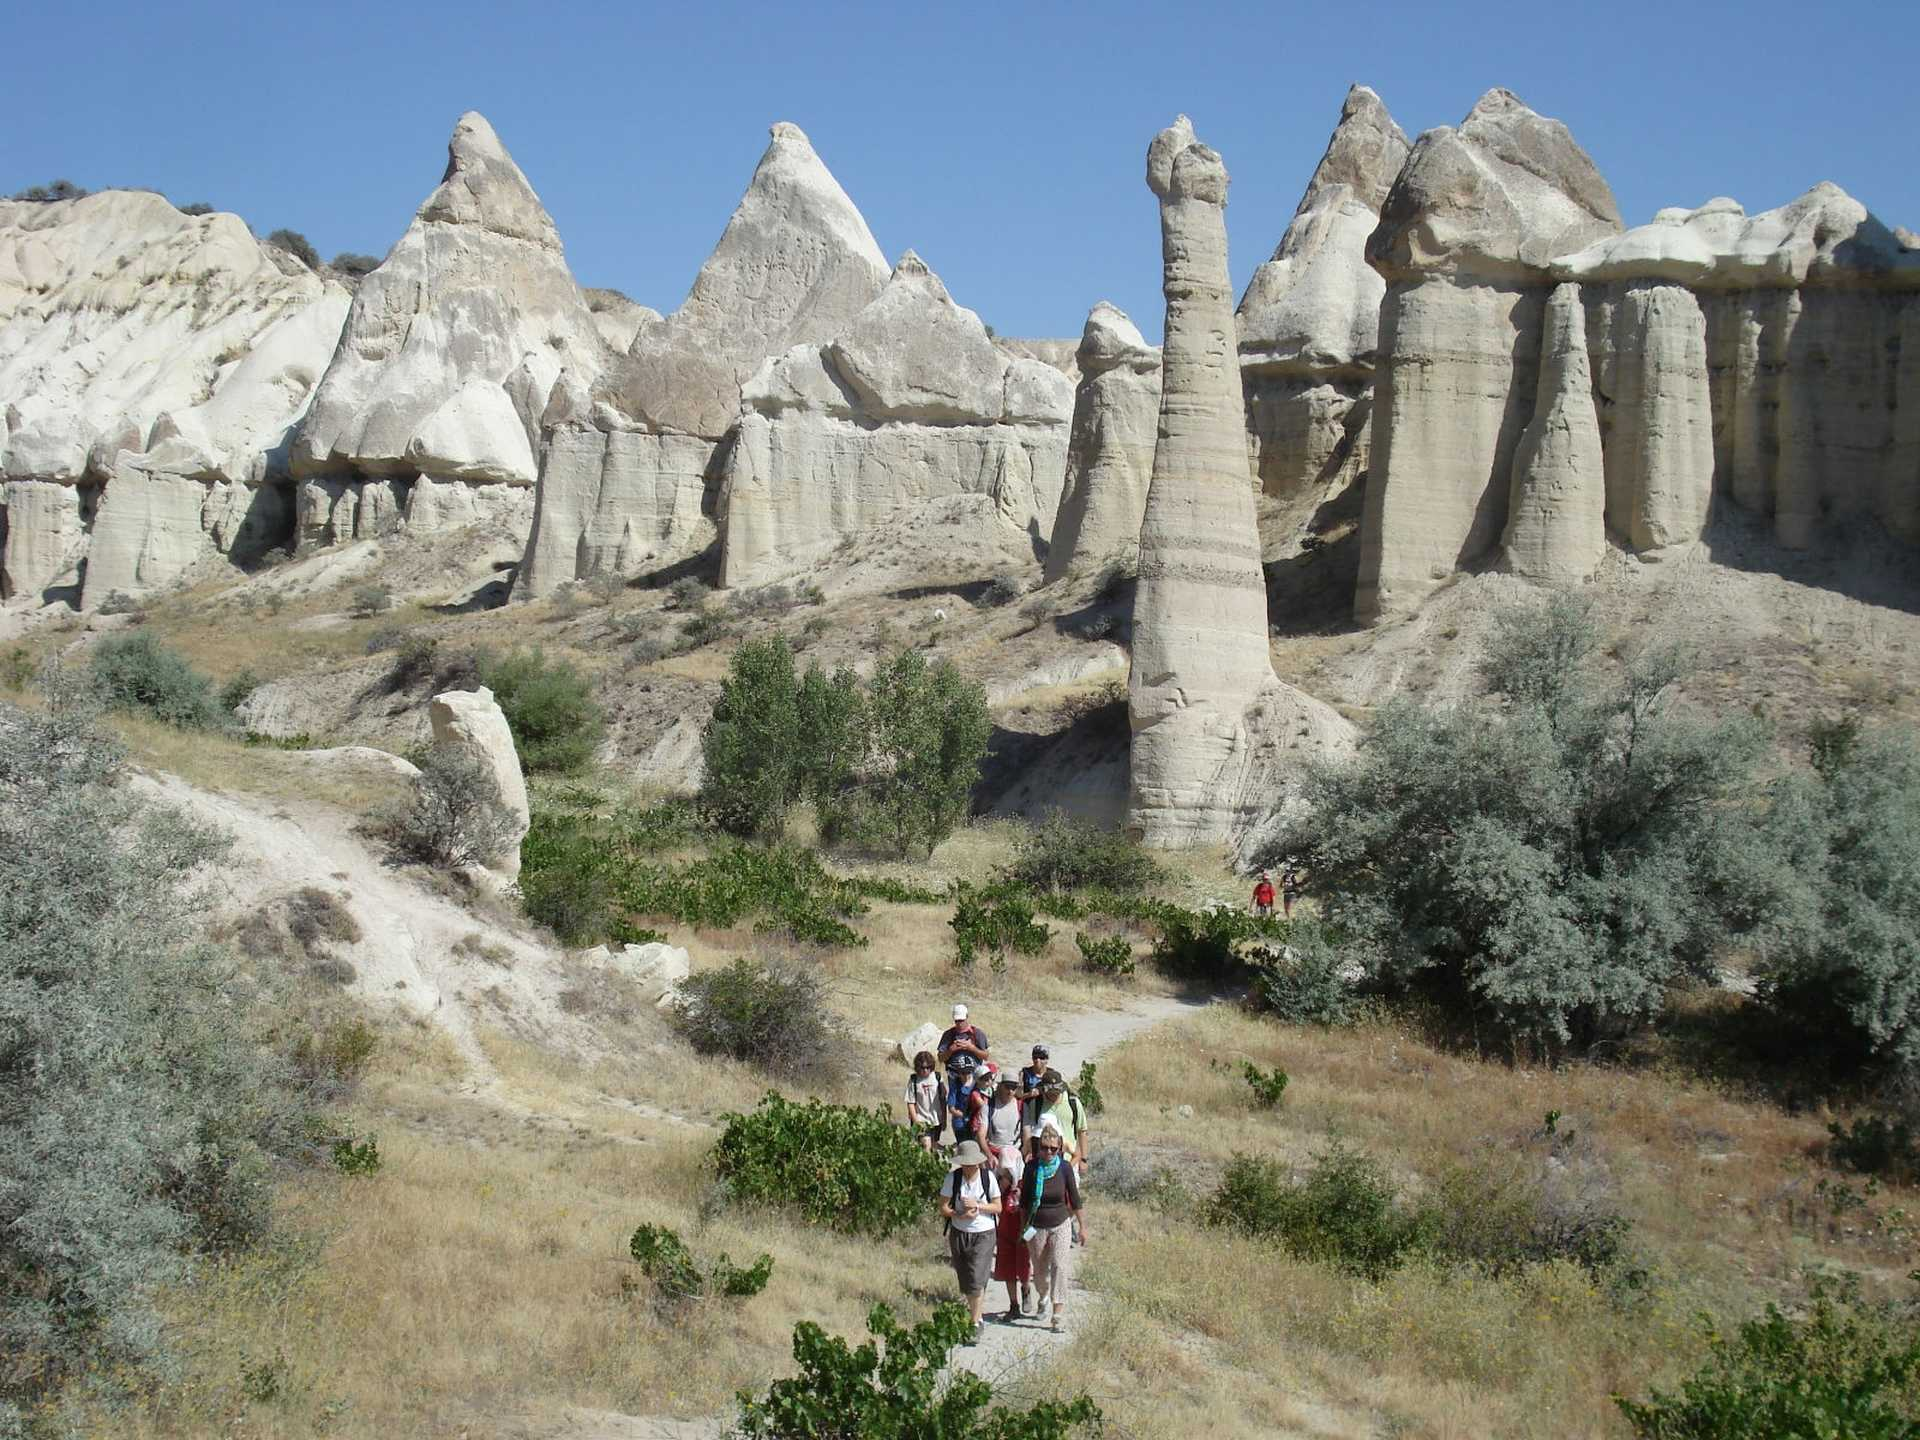 Randonneurs sur les chemins de la Cappadoce en Turquie